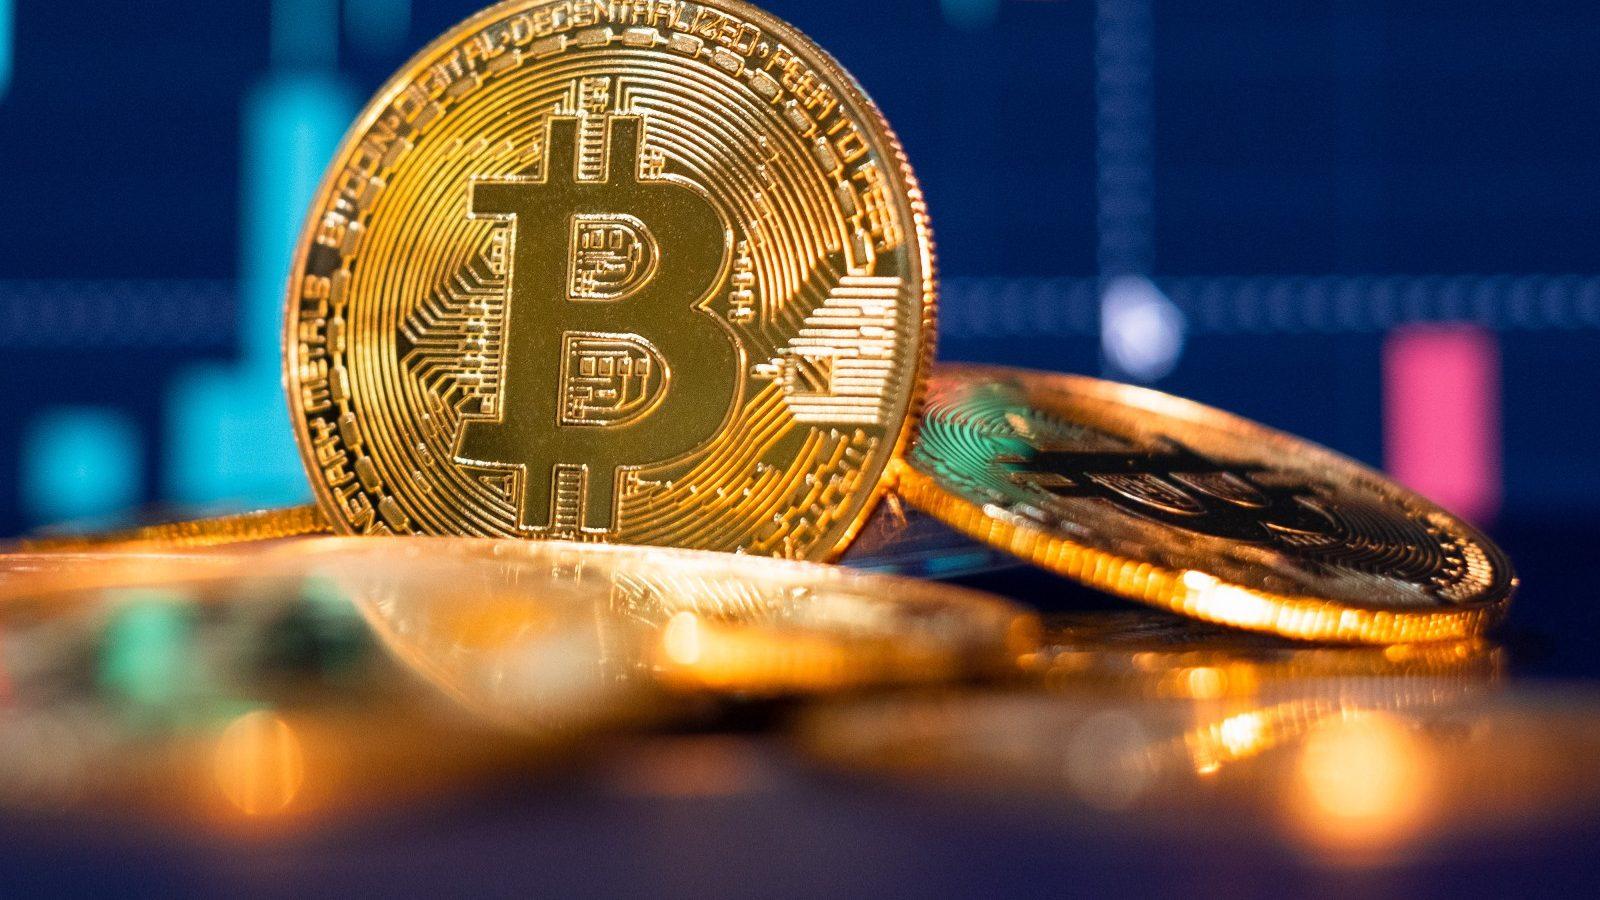 Xu hướng của tiền điện tử đang tách khỏi thị trường chứng khoán